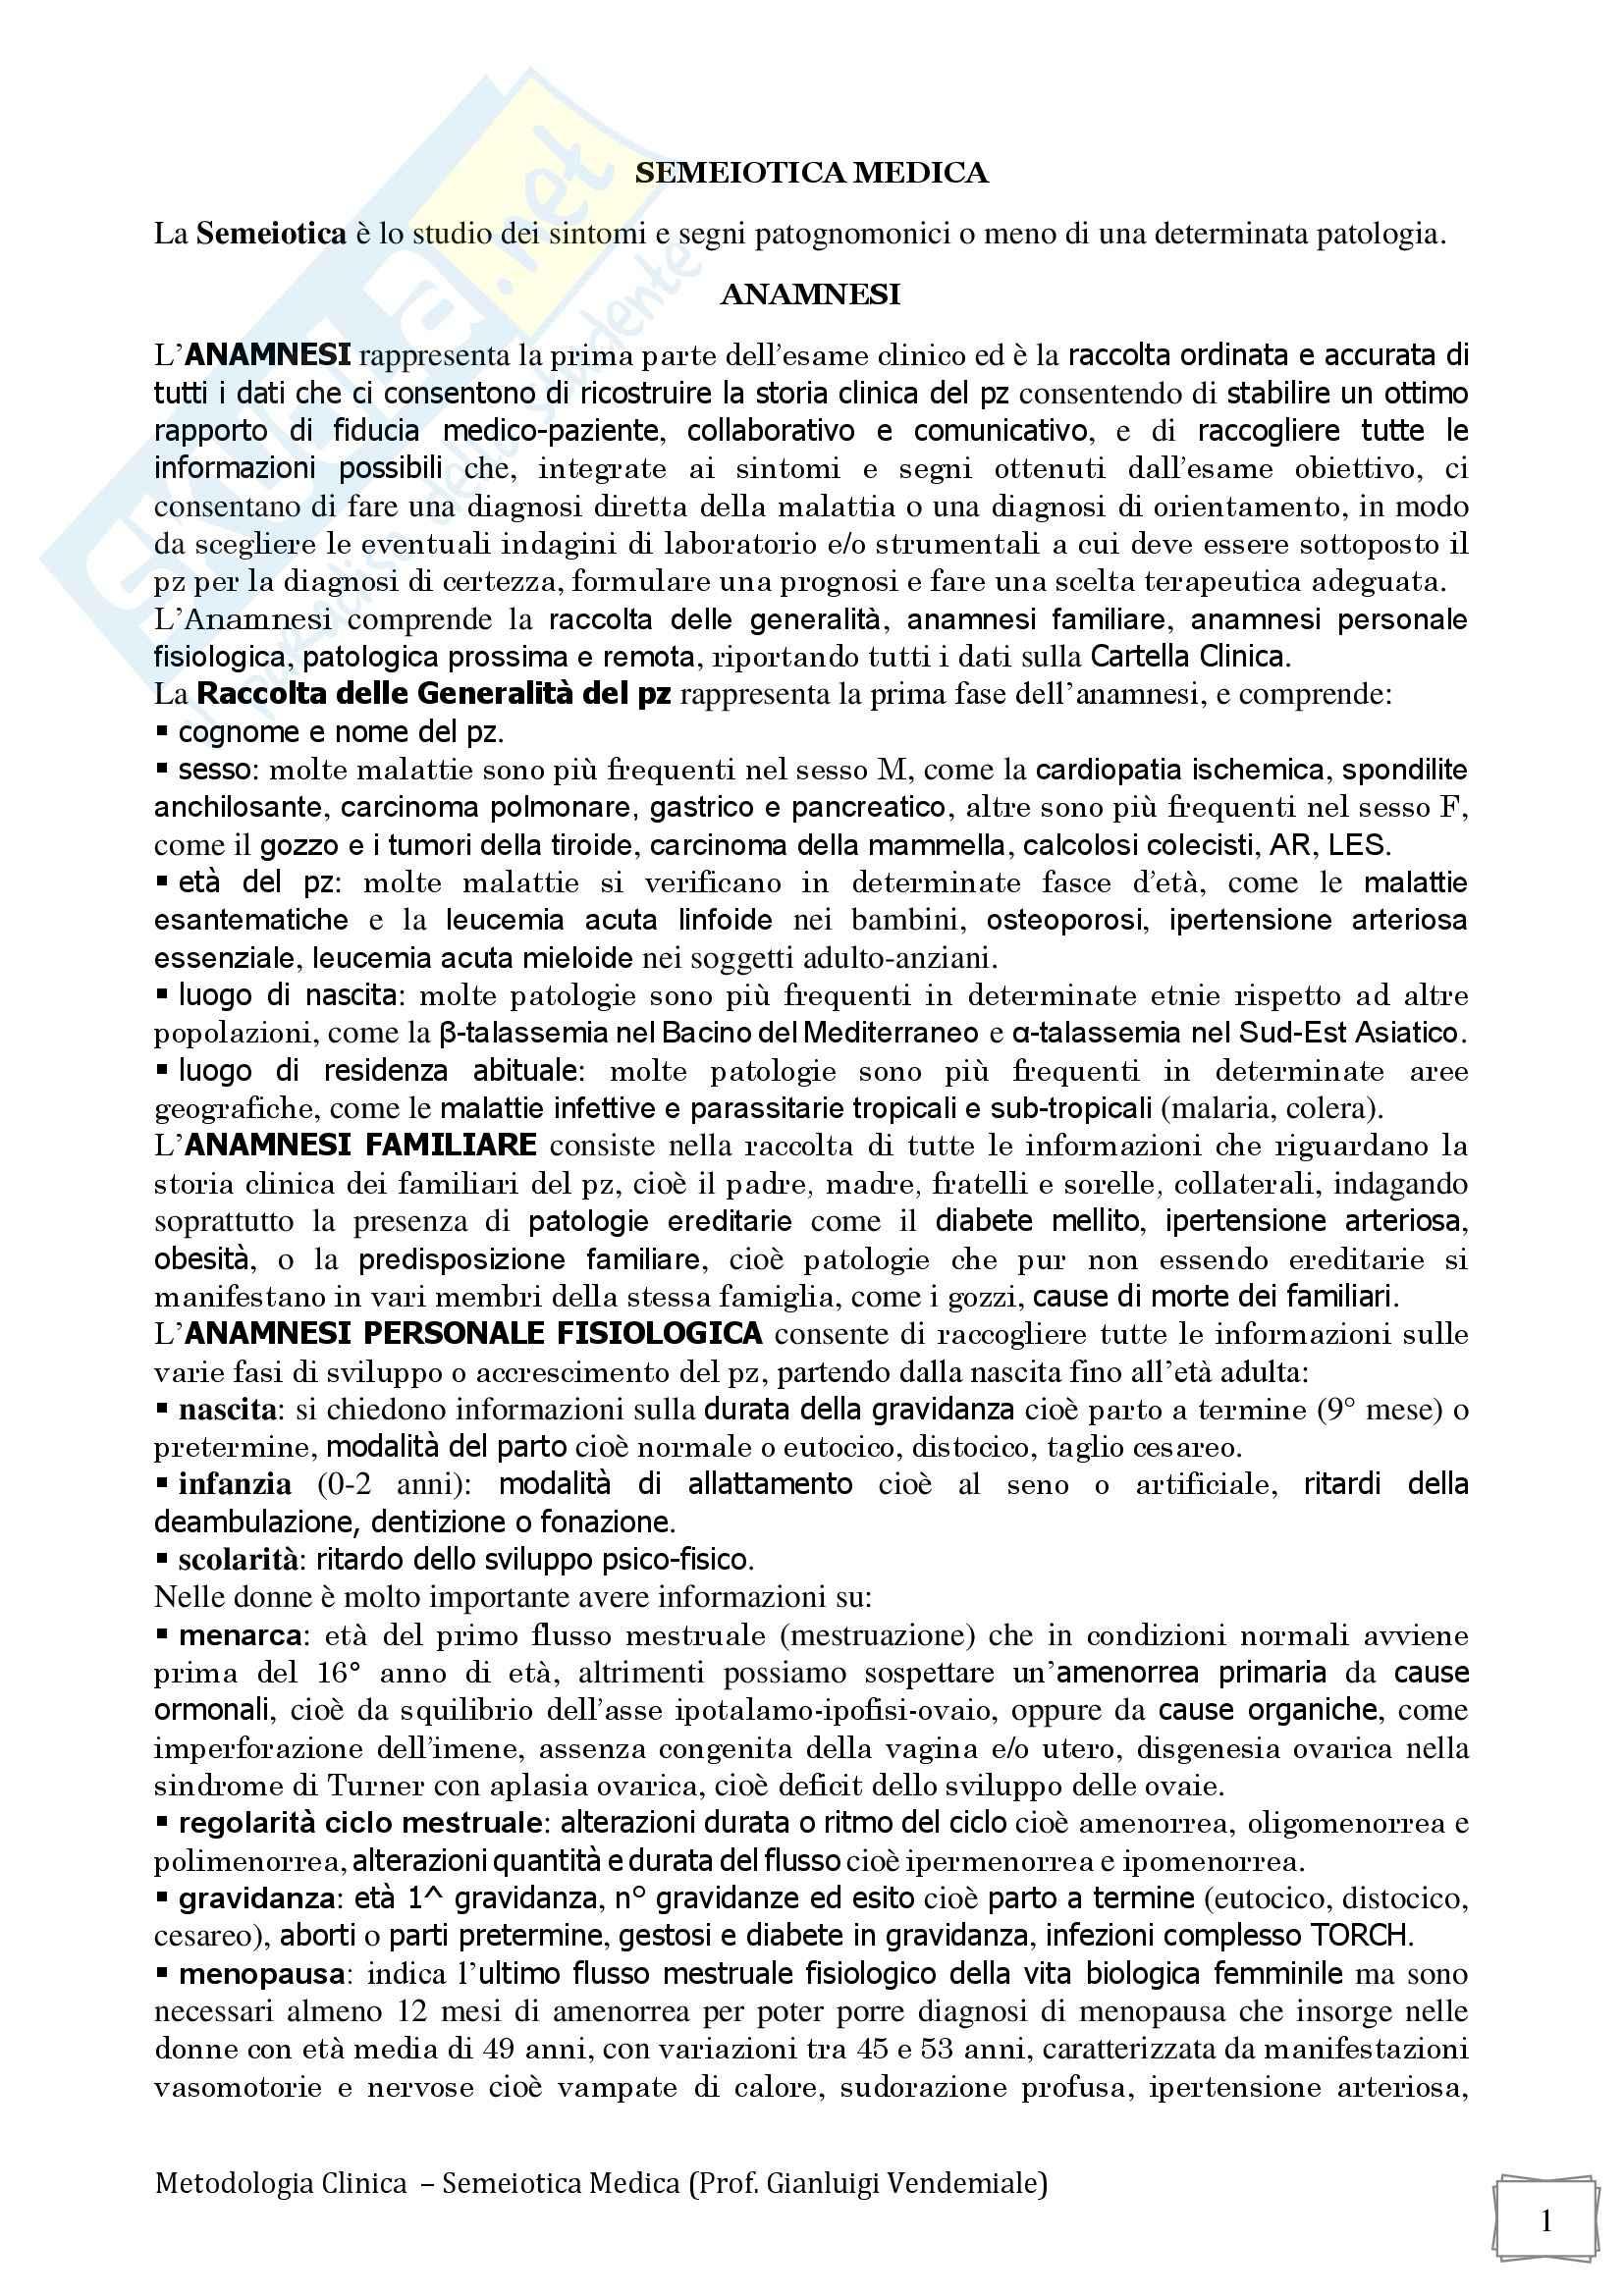 Anamnesi - Semeiotica medica